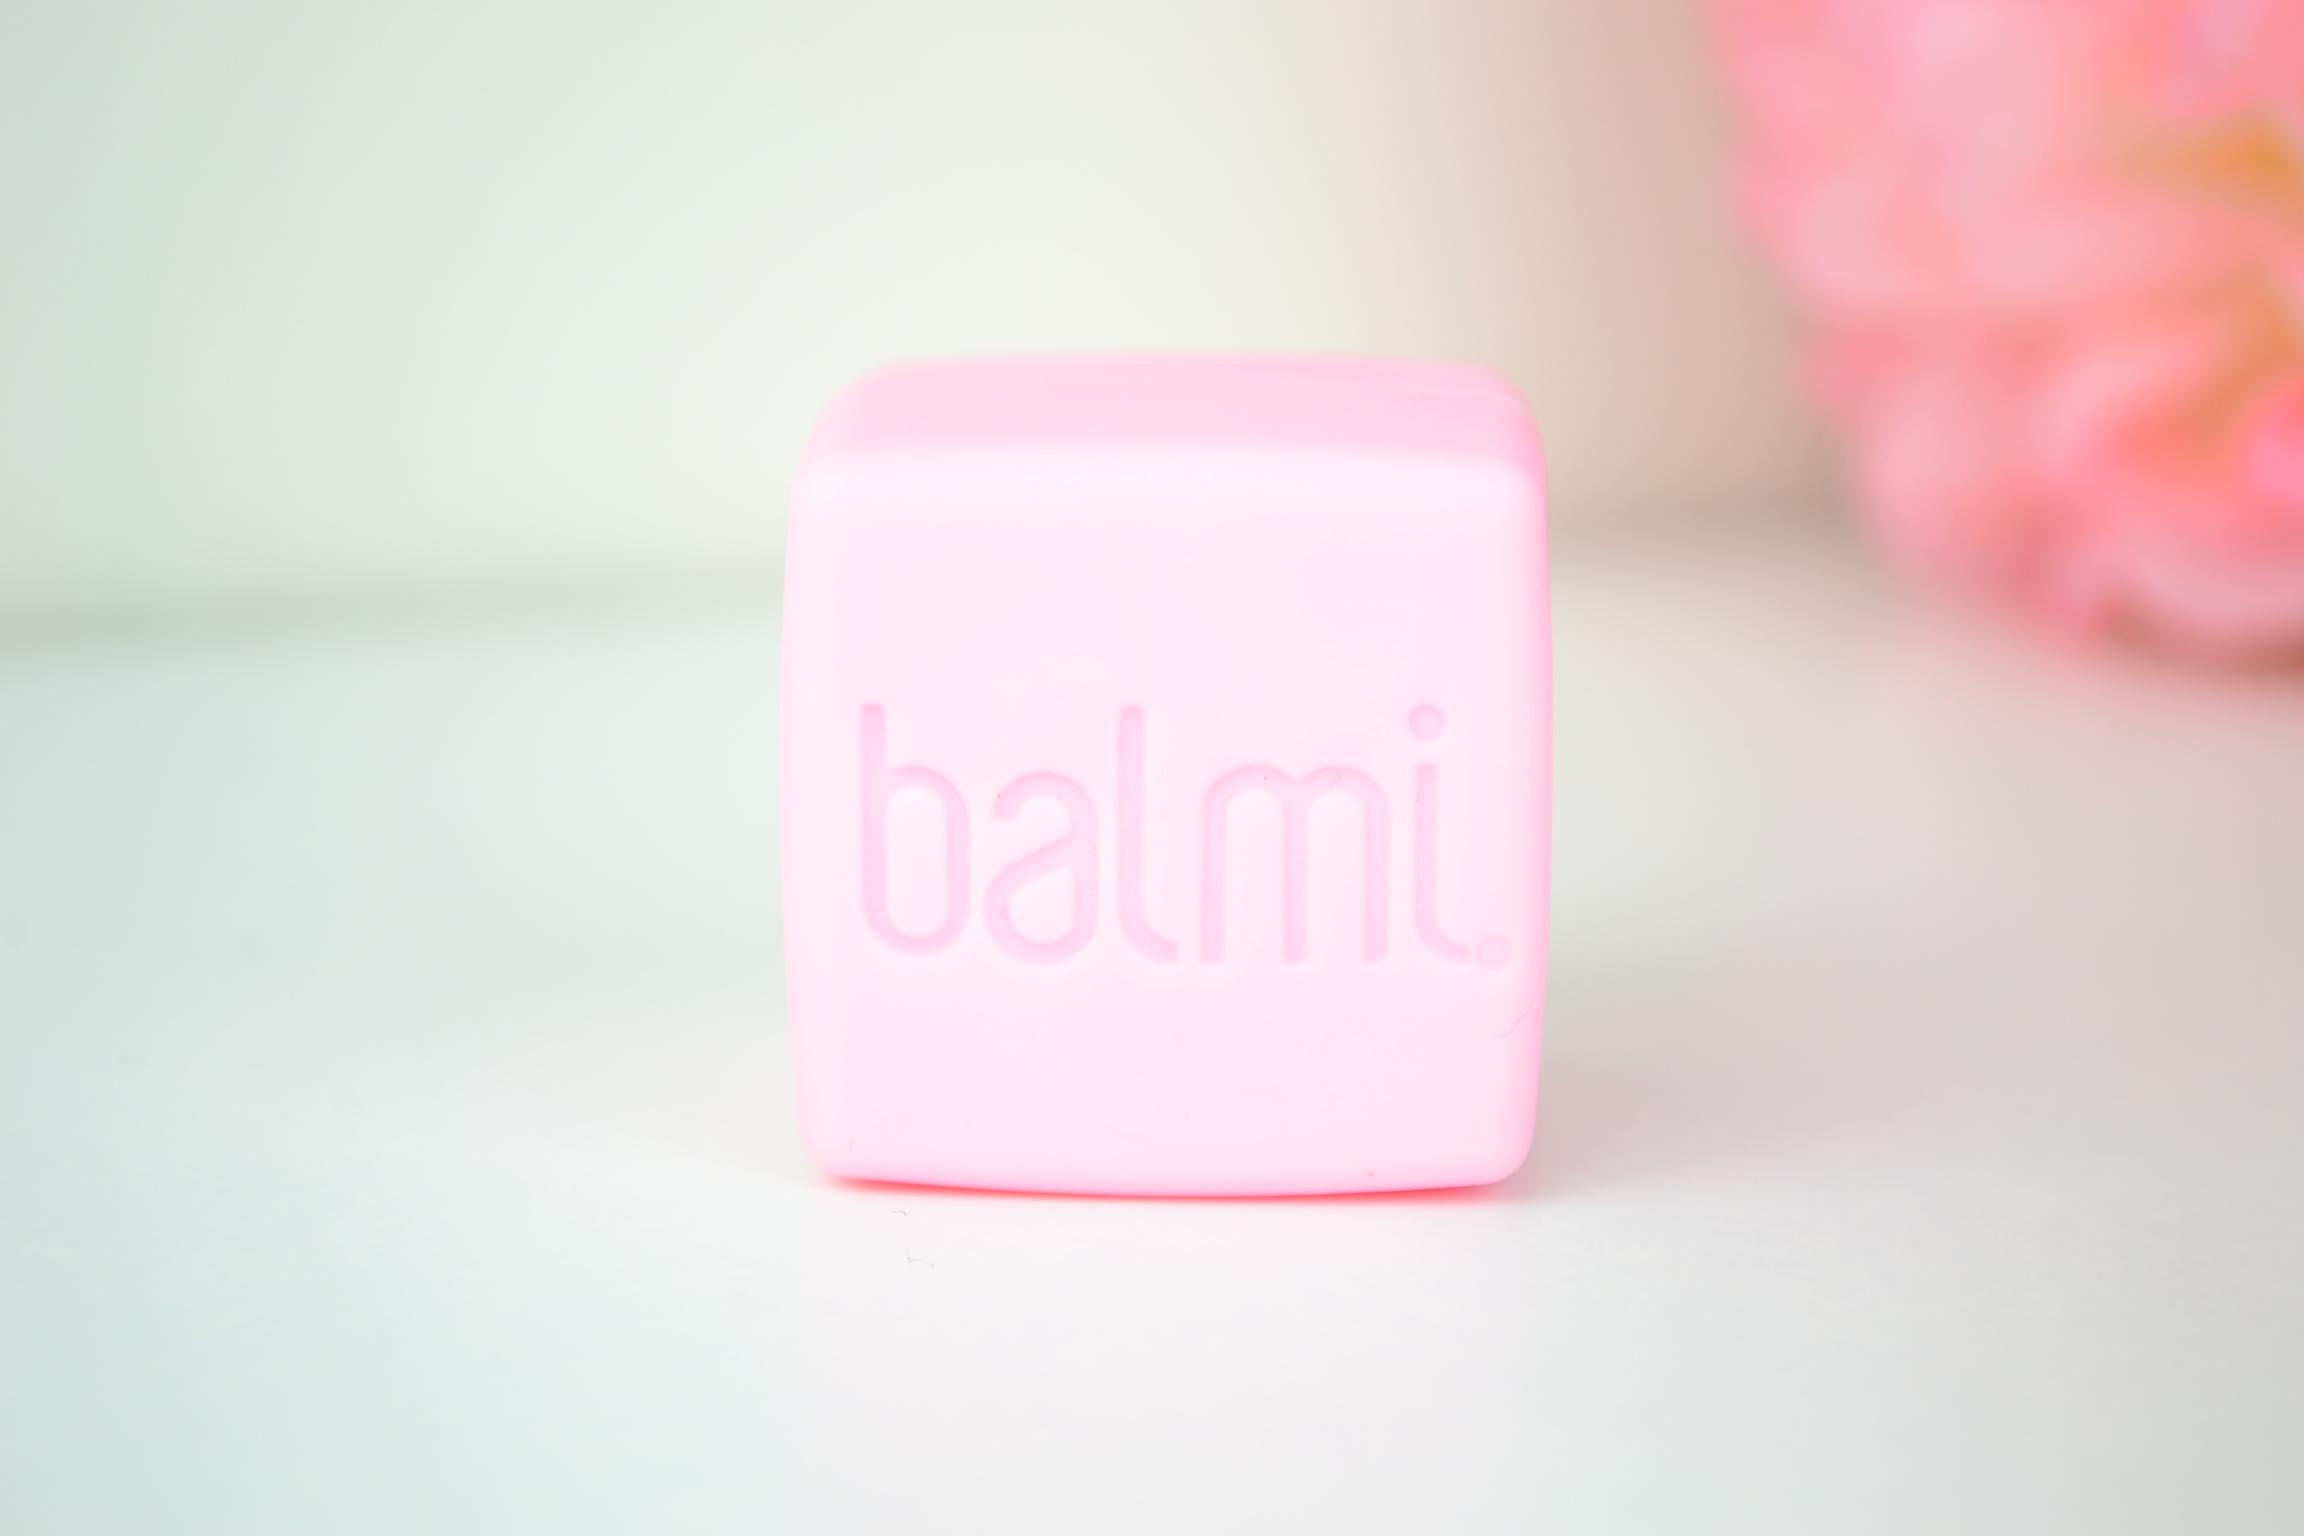 balmi-lip-balm